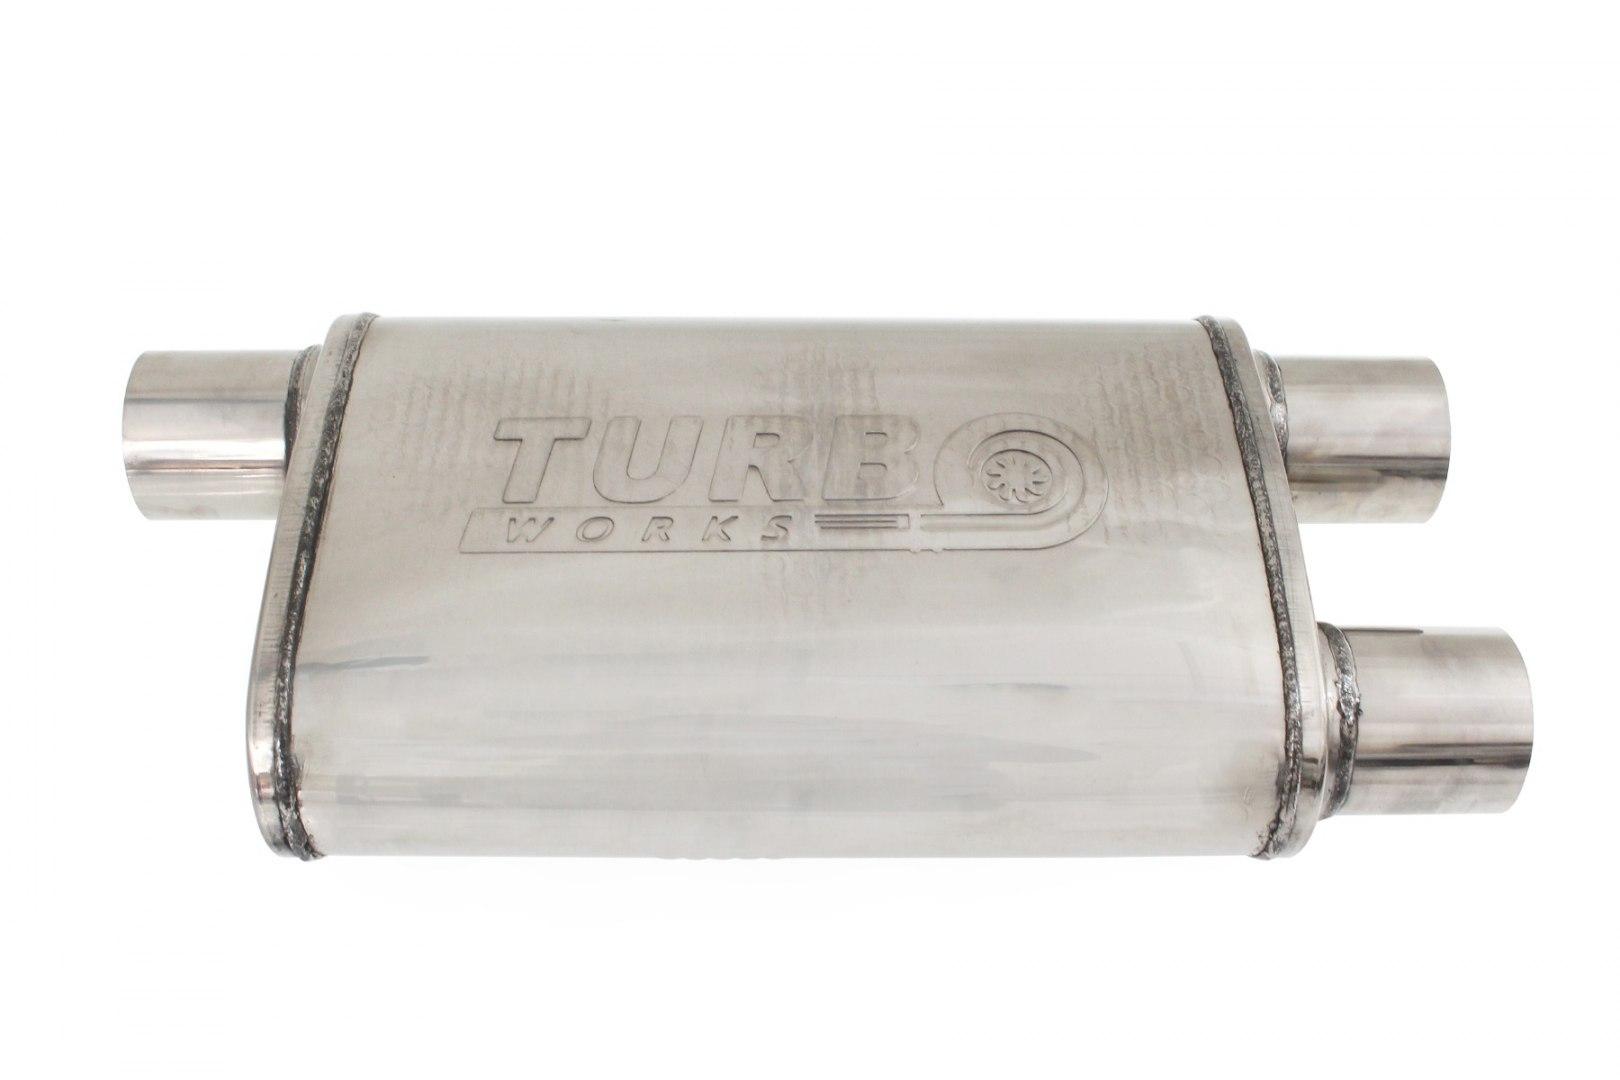 Tłumik Środkowy Tylny 76mm TurboWorks LT 409SS - GRUBYGARAGE - Sklep Tuningowy